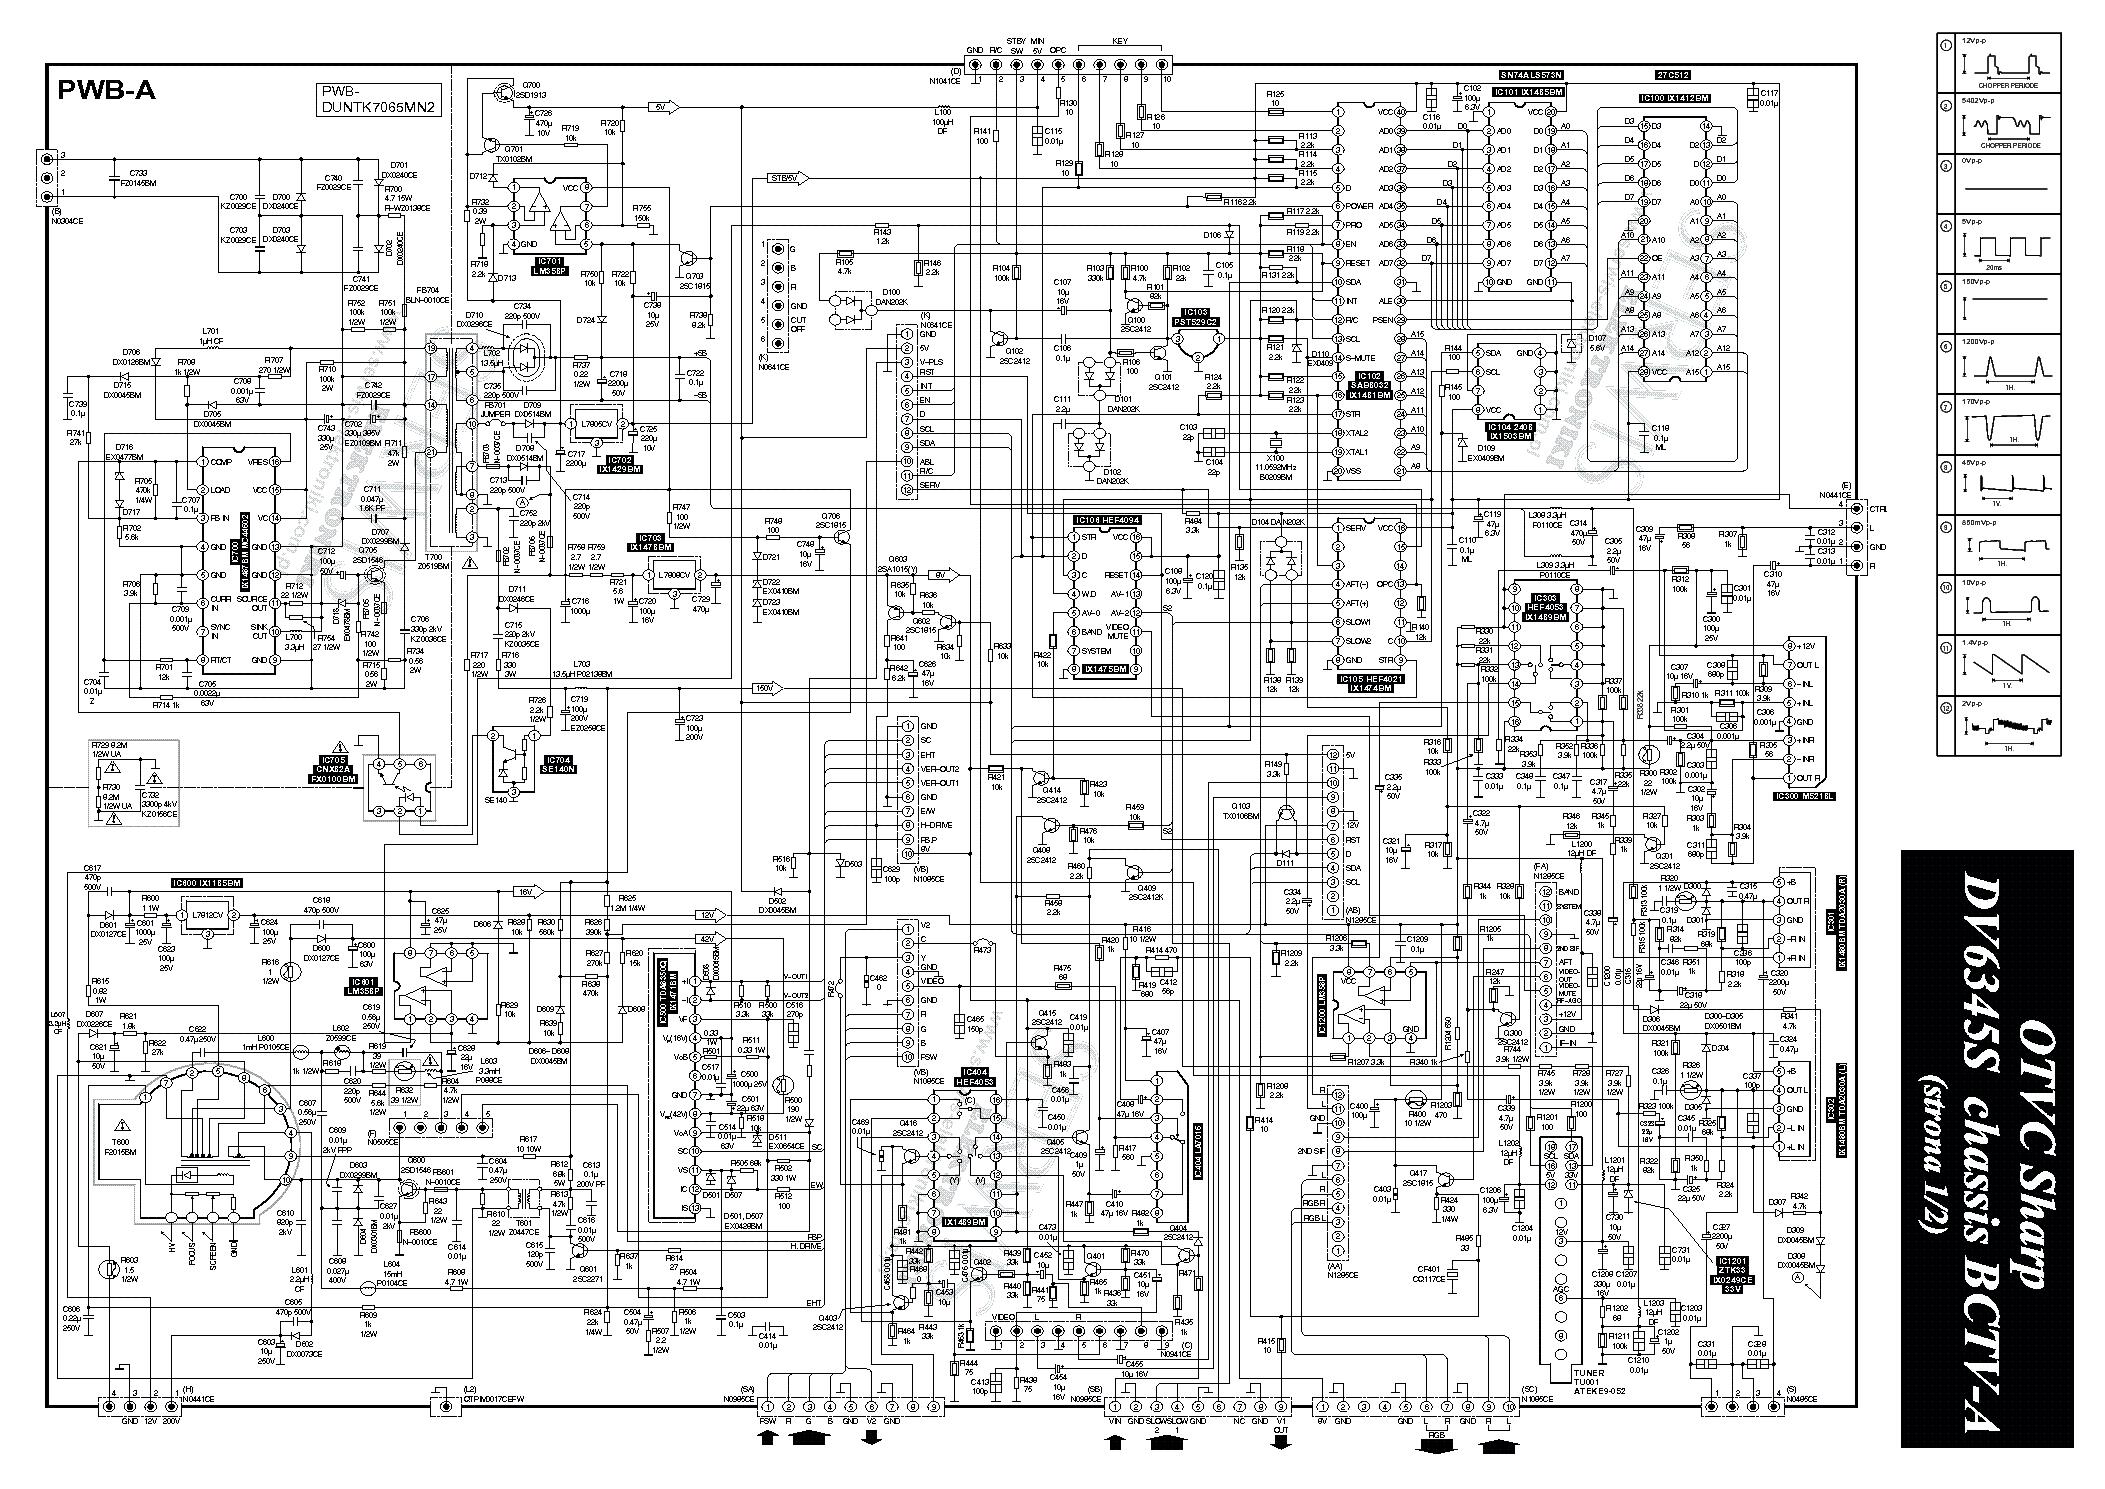 Sharp 70ds 15s схема 663